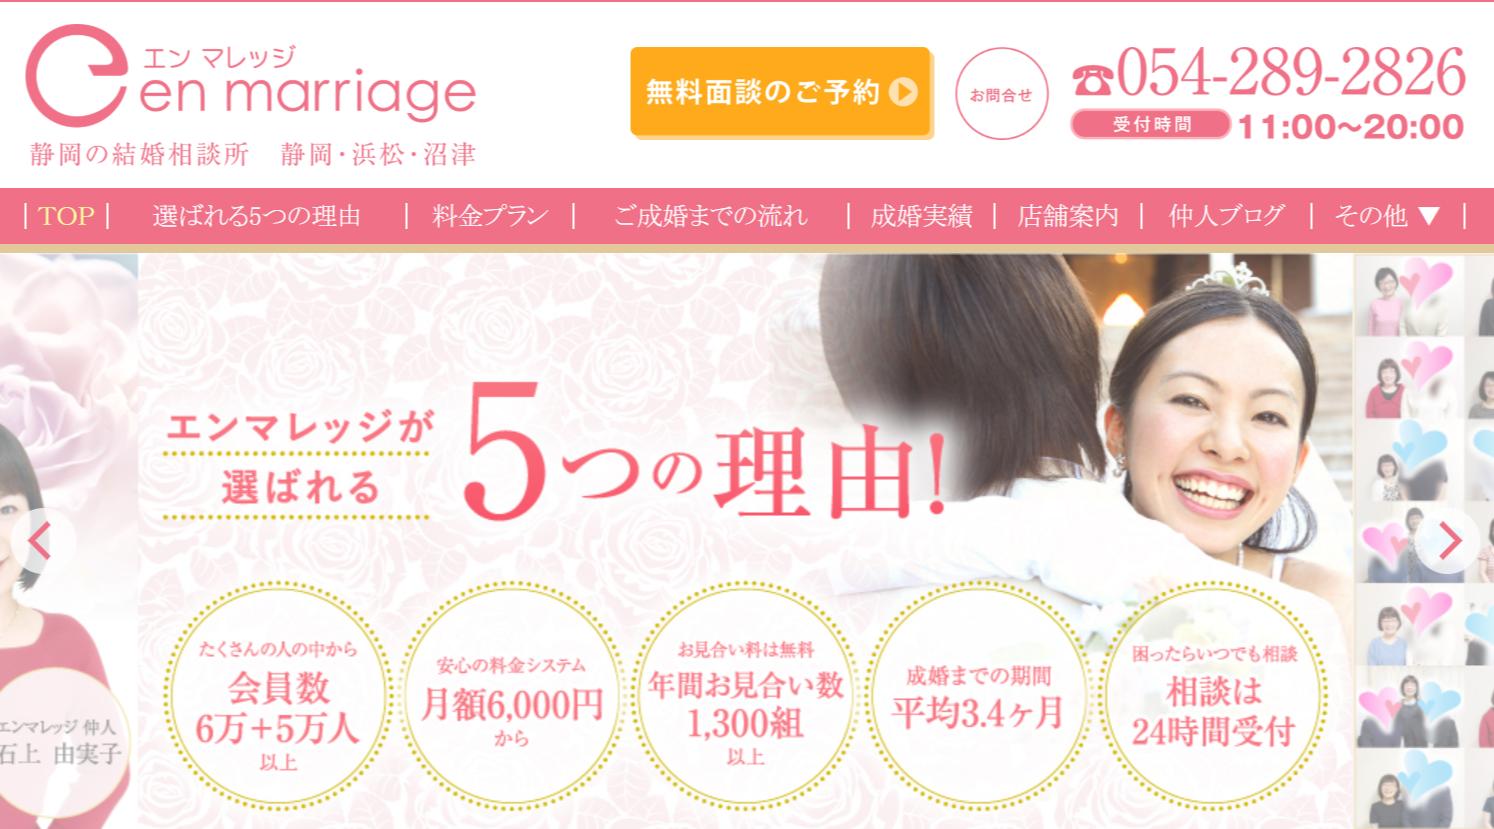 静岡県 結婚相談所 エンマレッジ